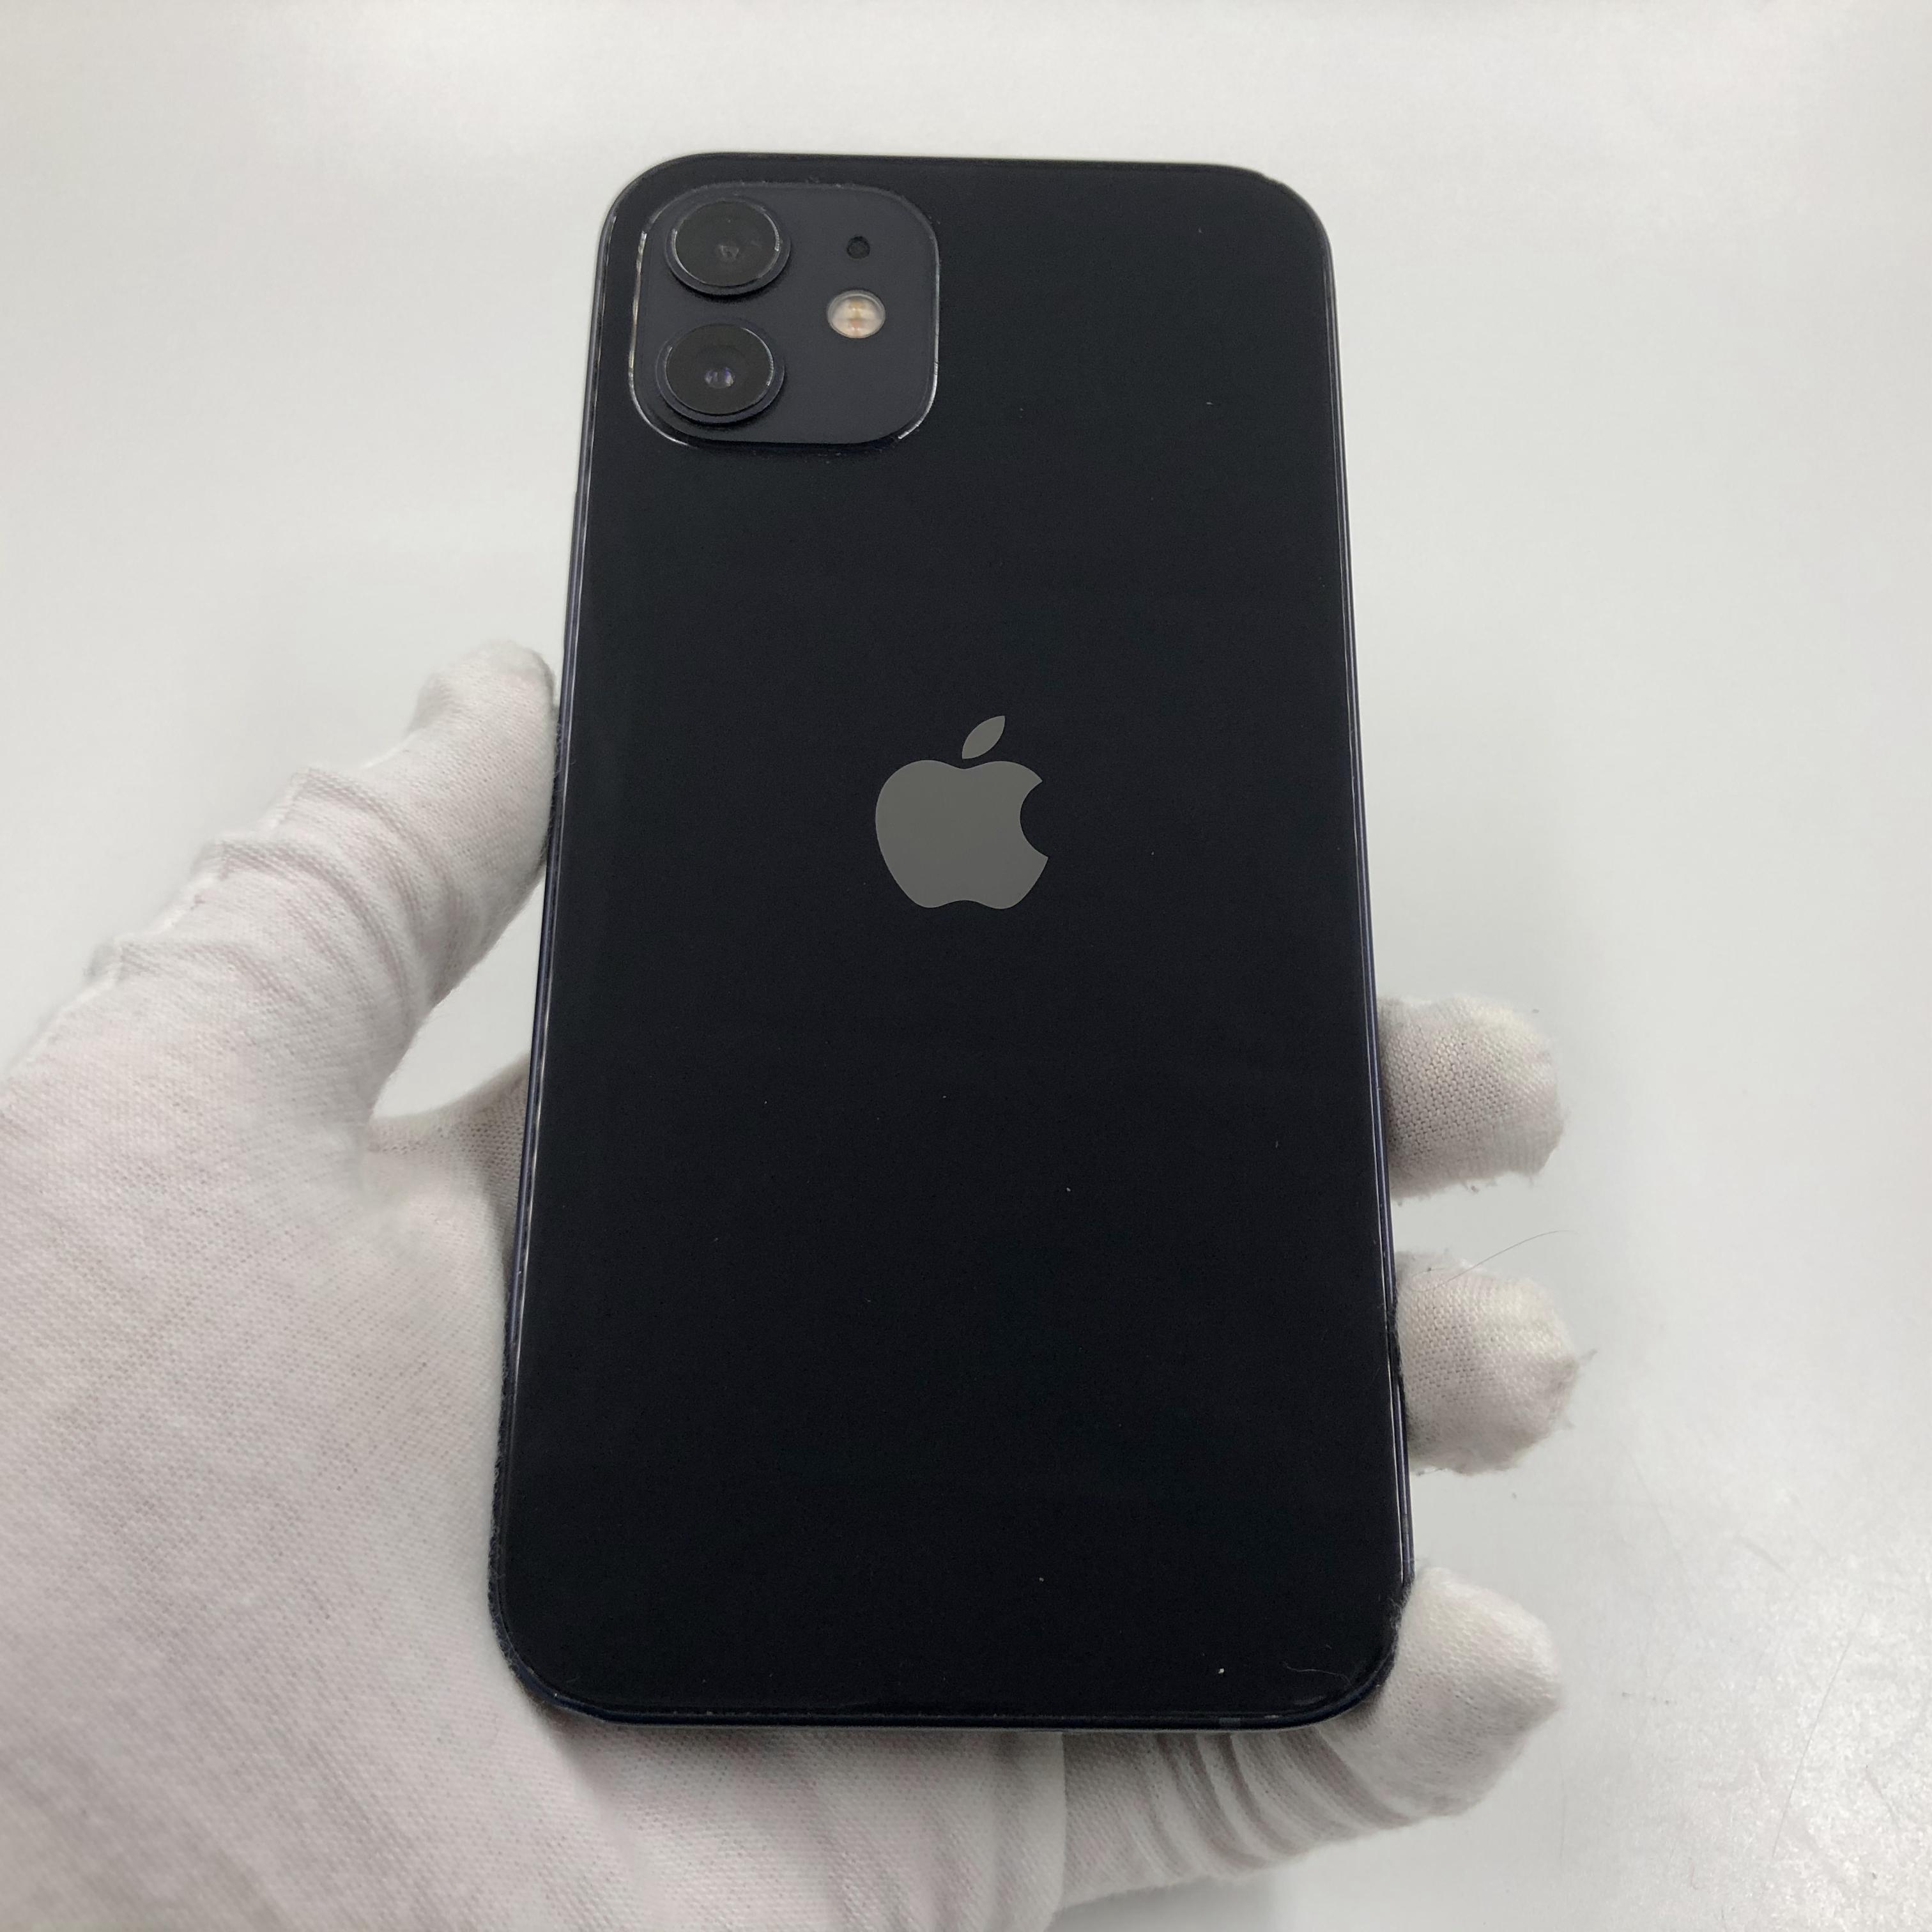 苹果【iPhone 12】5G全网通 黑色 128G 国行 8成新 真机实拍官保2021-11-01